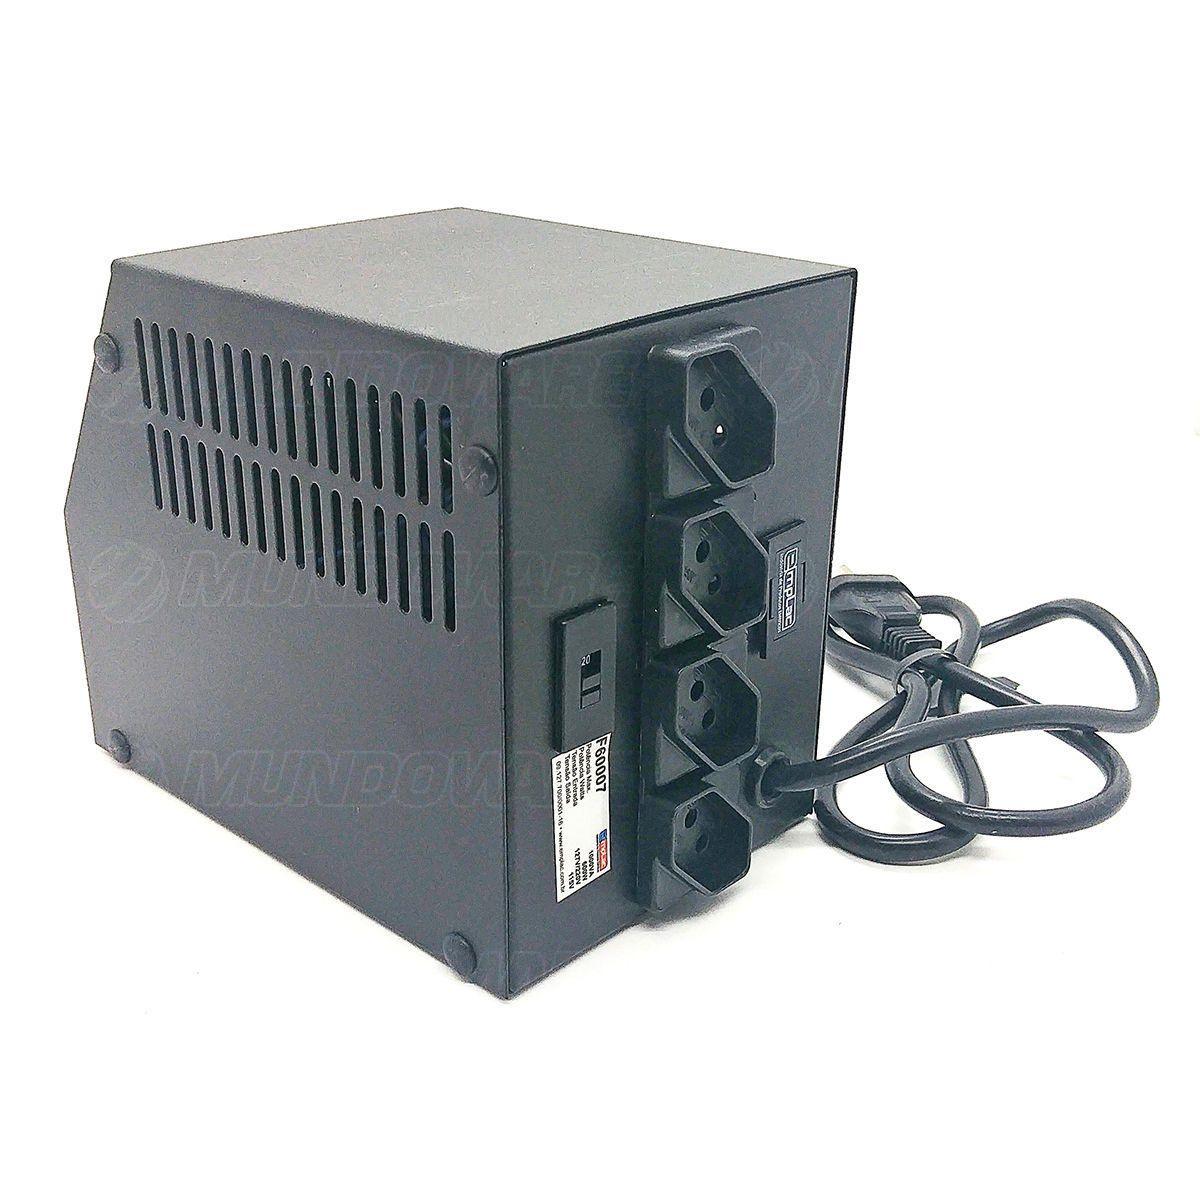 Protetor Eletrônico 1KVA 600W Bivolt E127V/220V S115V 10A Gabinete Metálico Ideal para Impressora Laser Emplac F60007